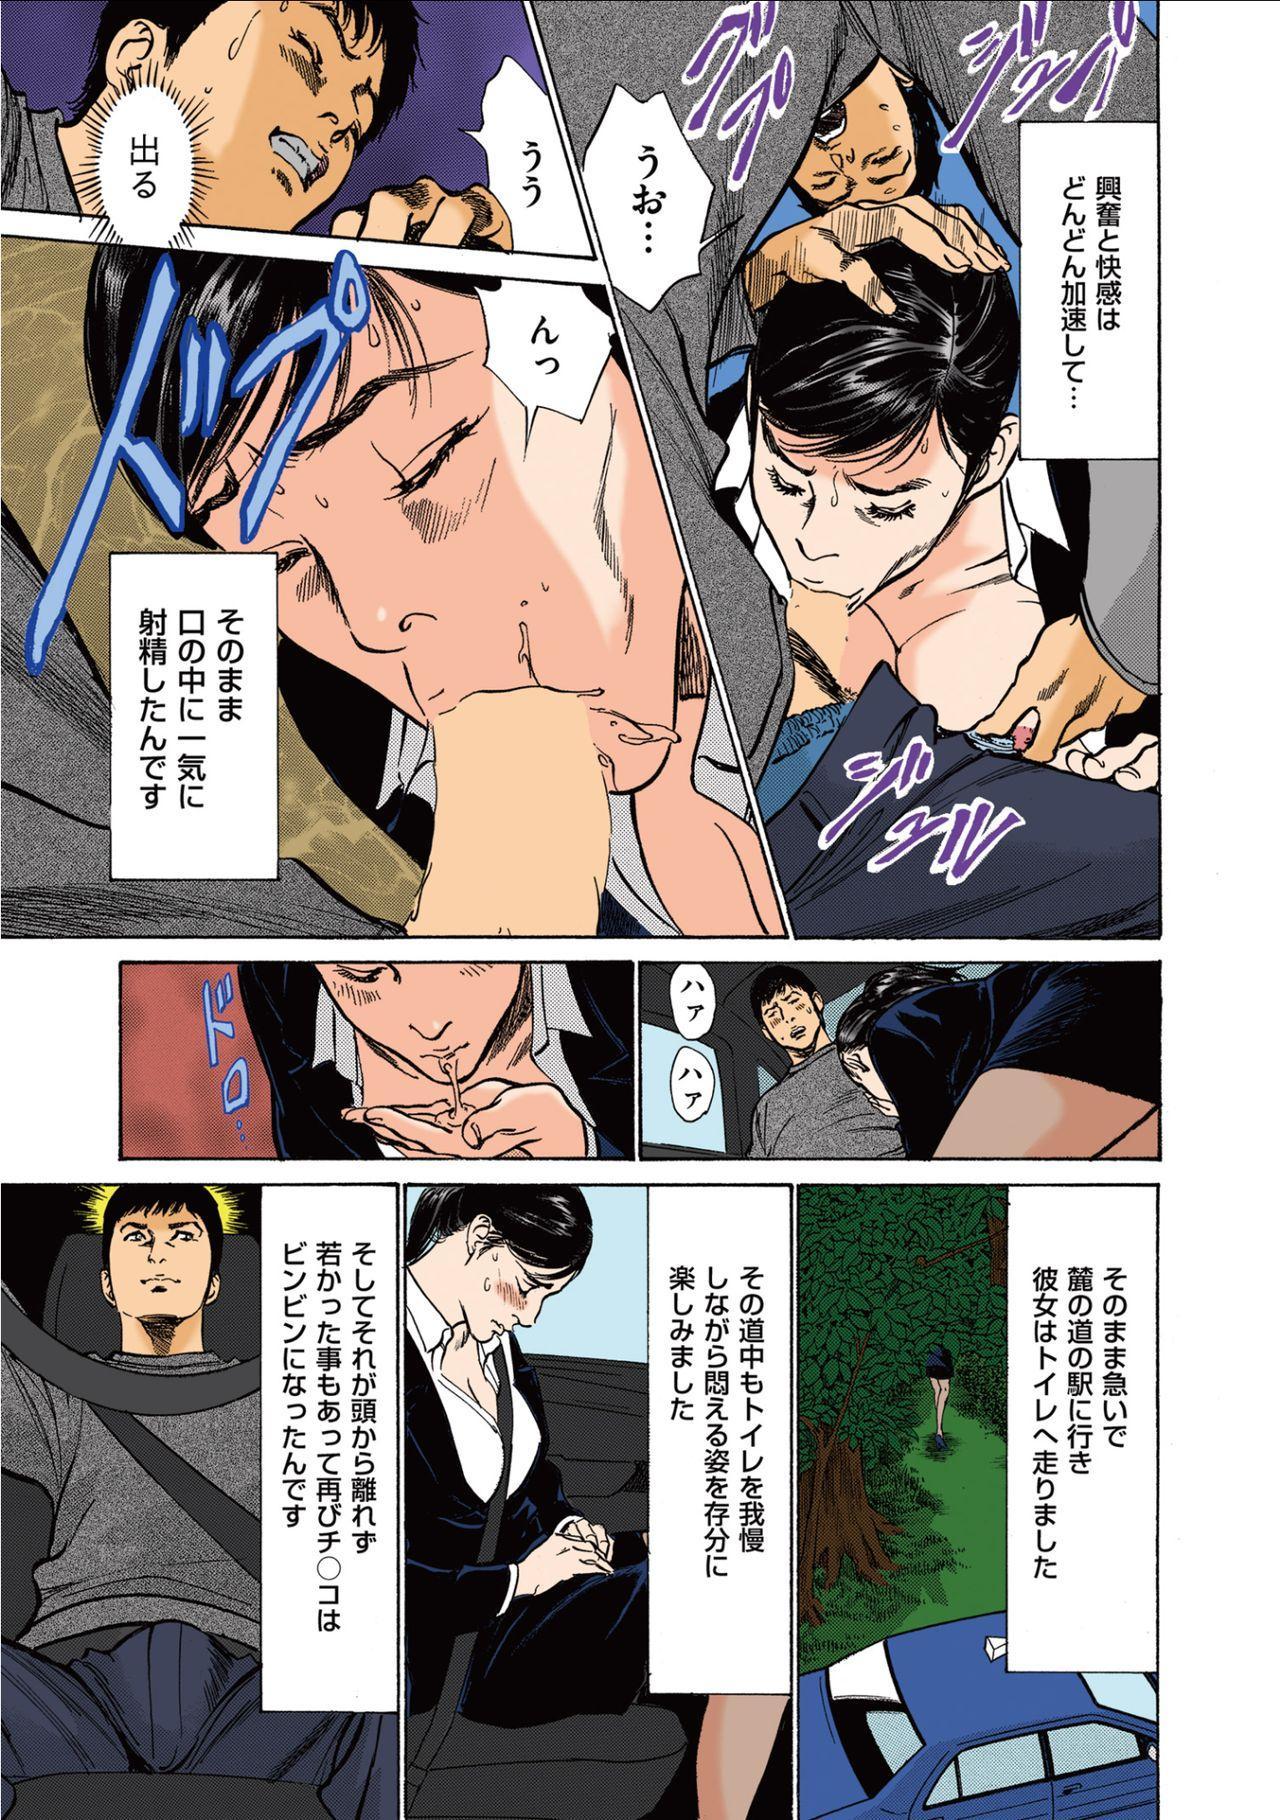 [Hazuki Kaoru] Hazuki Kaoru no Tamaranai Hanashi (Full Color Version) 1-2 14